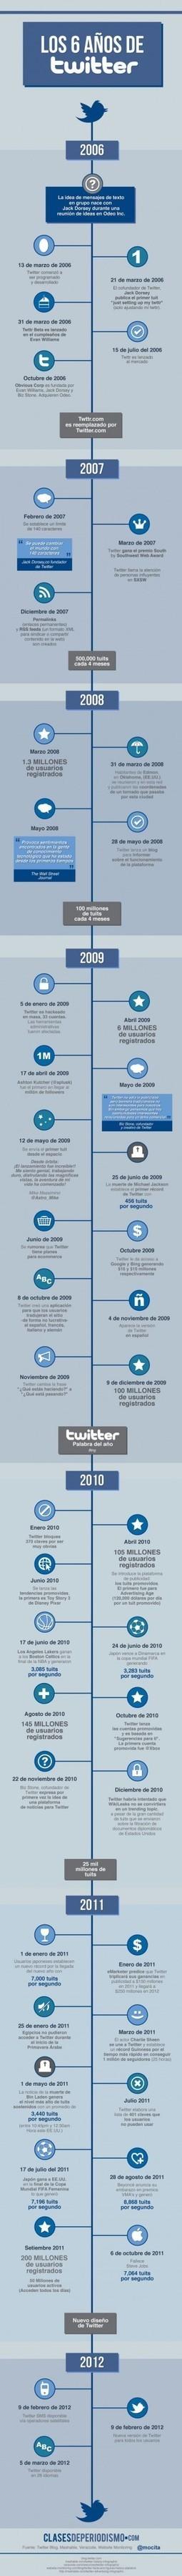 Los 6 años de Twitter #infografia #infographic#socialmedia | Educación a Distancia y TIC | Scoop.it